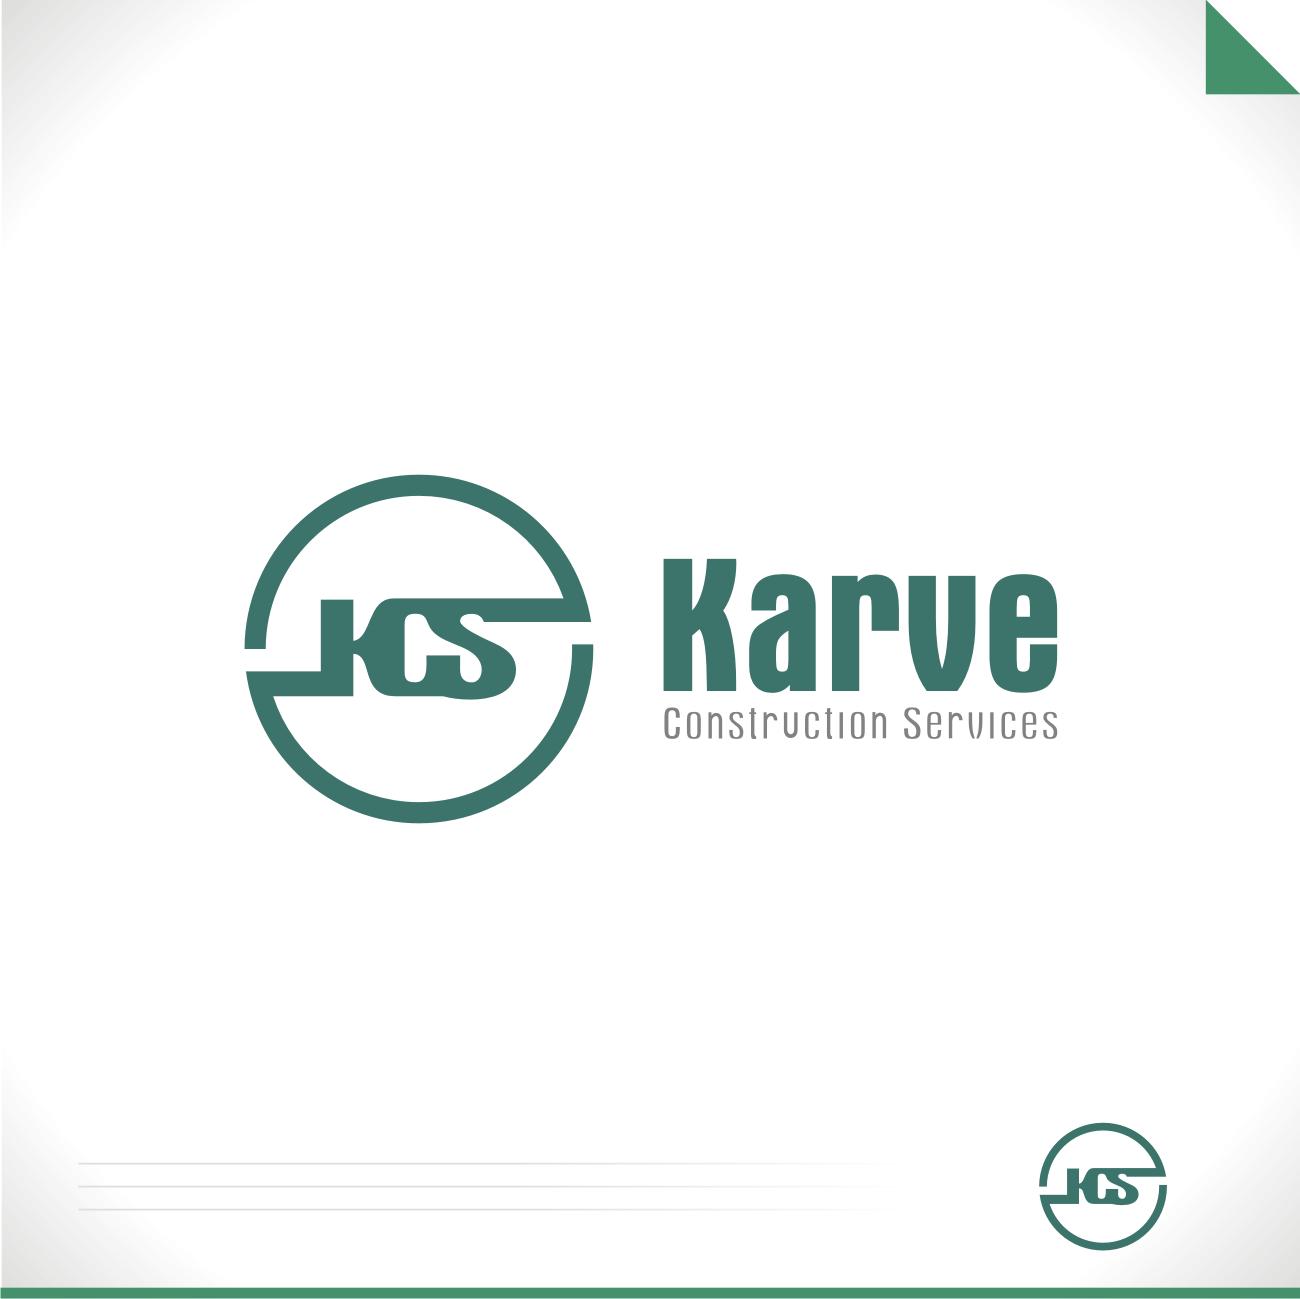 masculine, bold, construction company logo design for karve